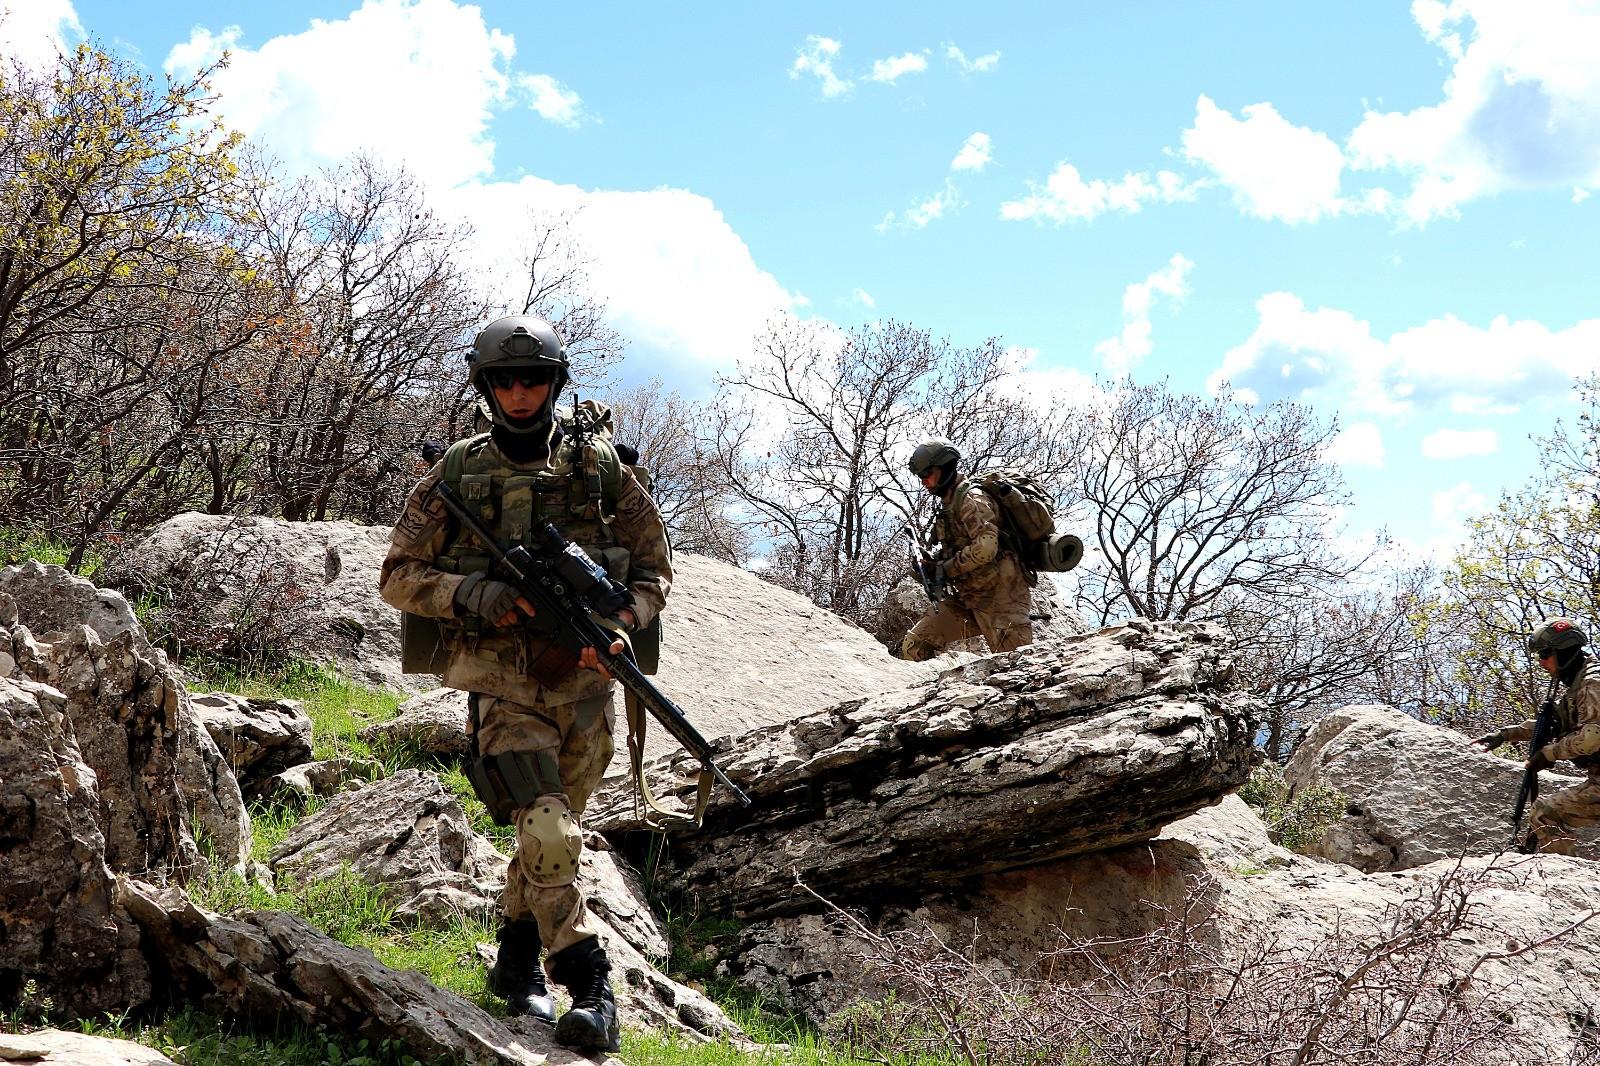 SON DAKİKA   MSB: Askerlerimizi şehit edenlere misliyle karşılık verildi